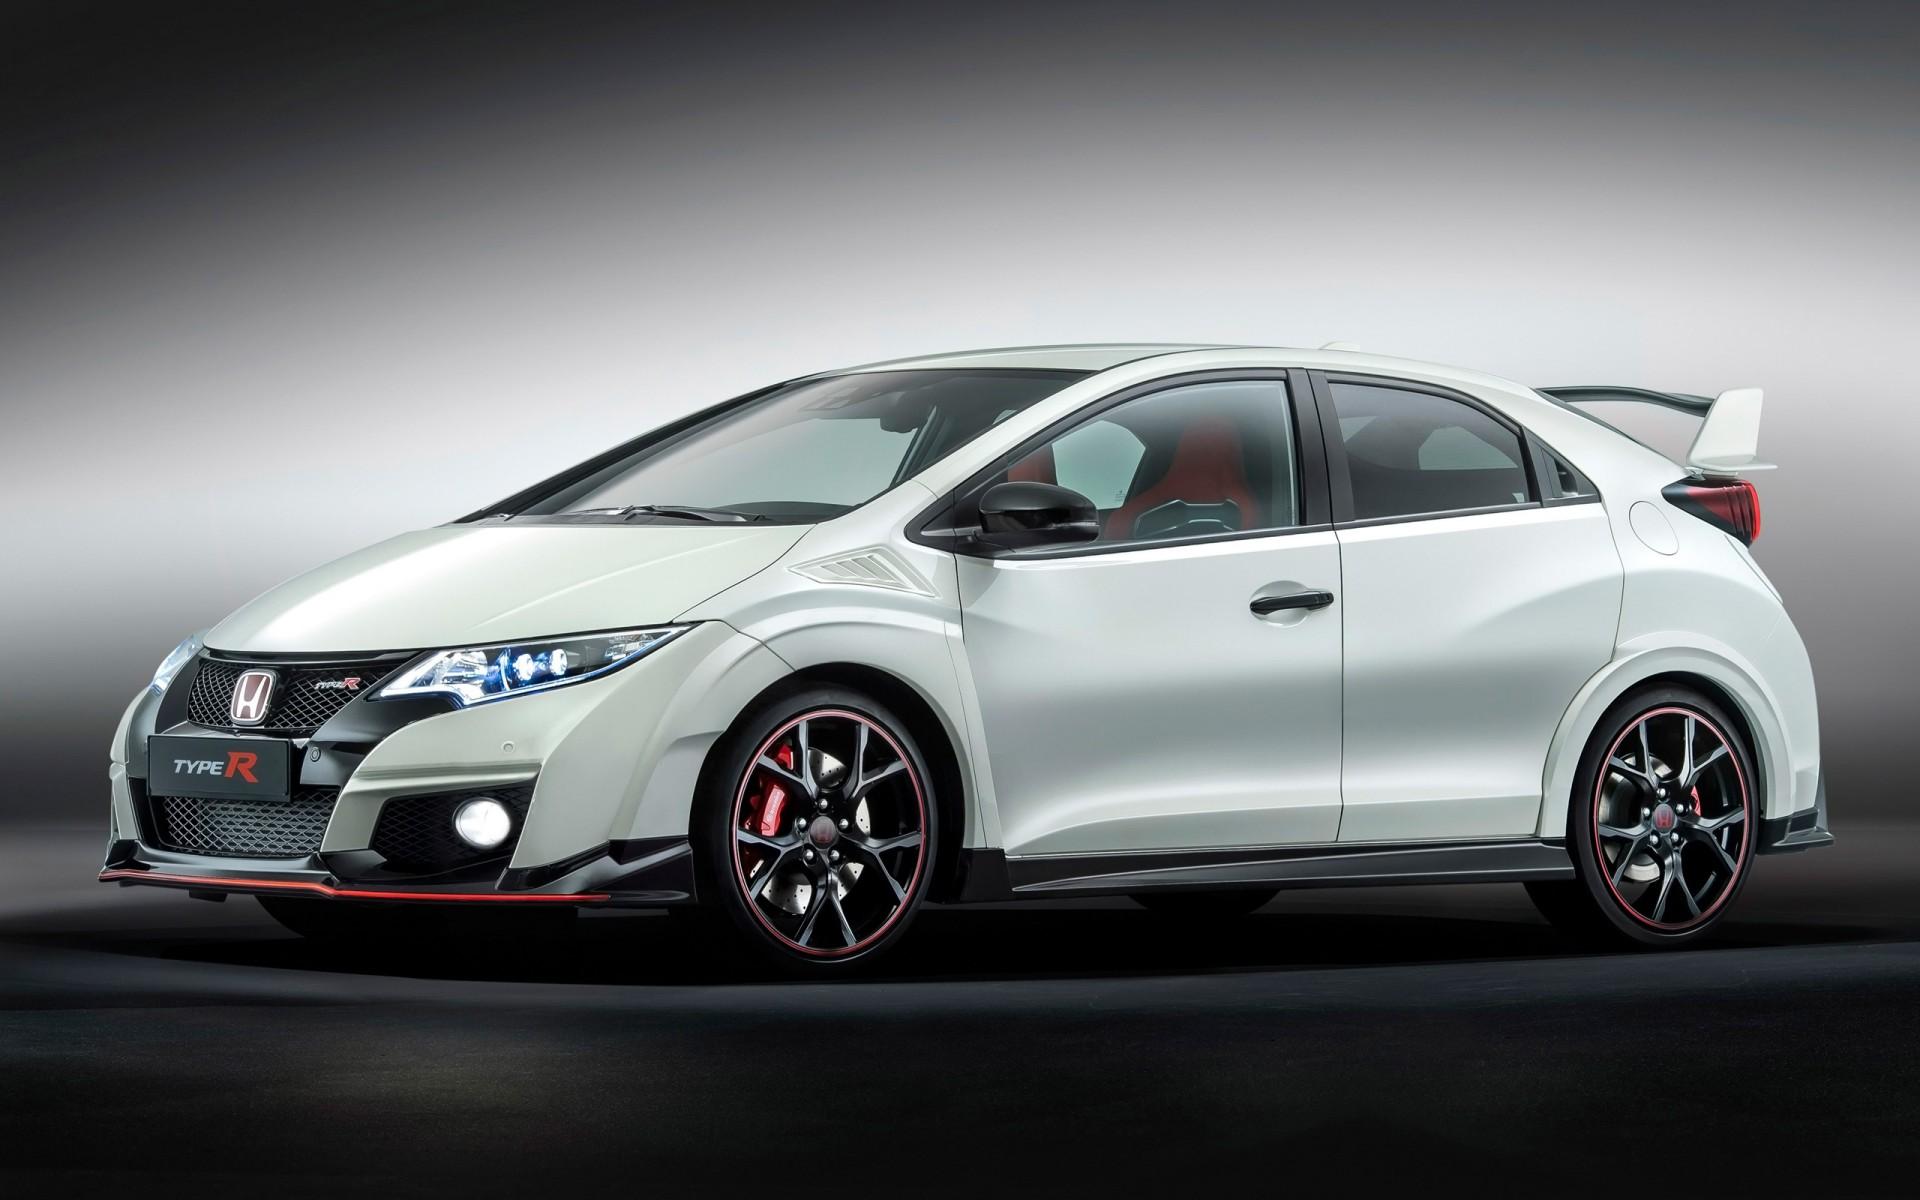 2015 Honda Civic Type R Wallpaper HD Car Wallpapers 1920x1200